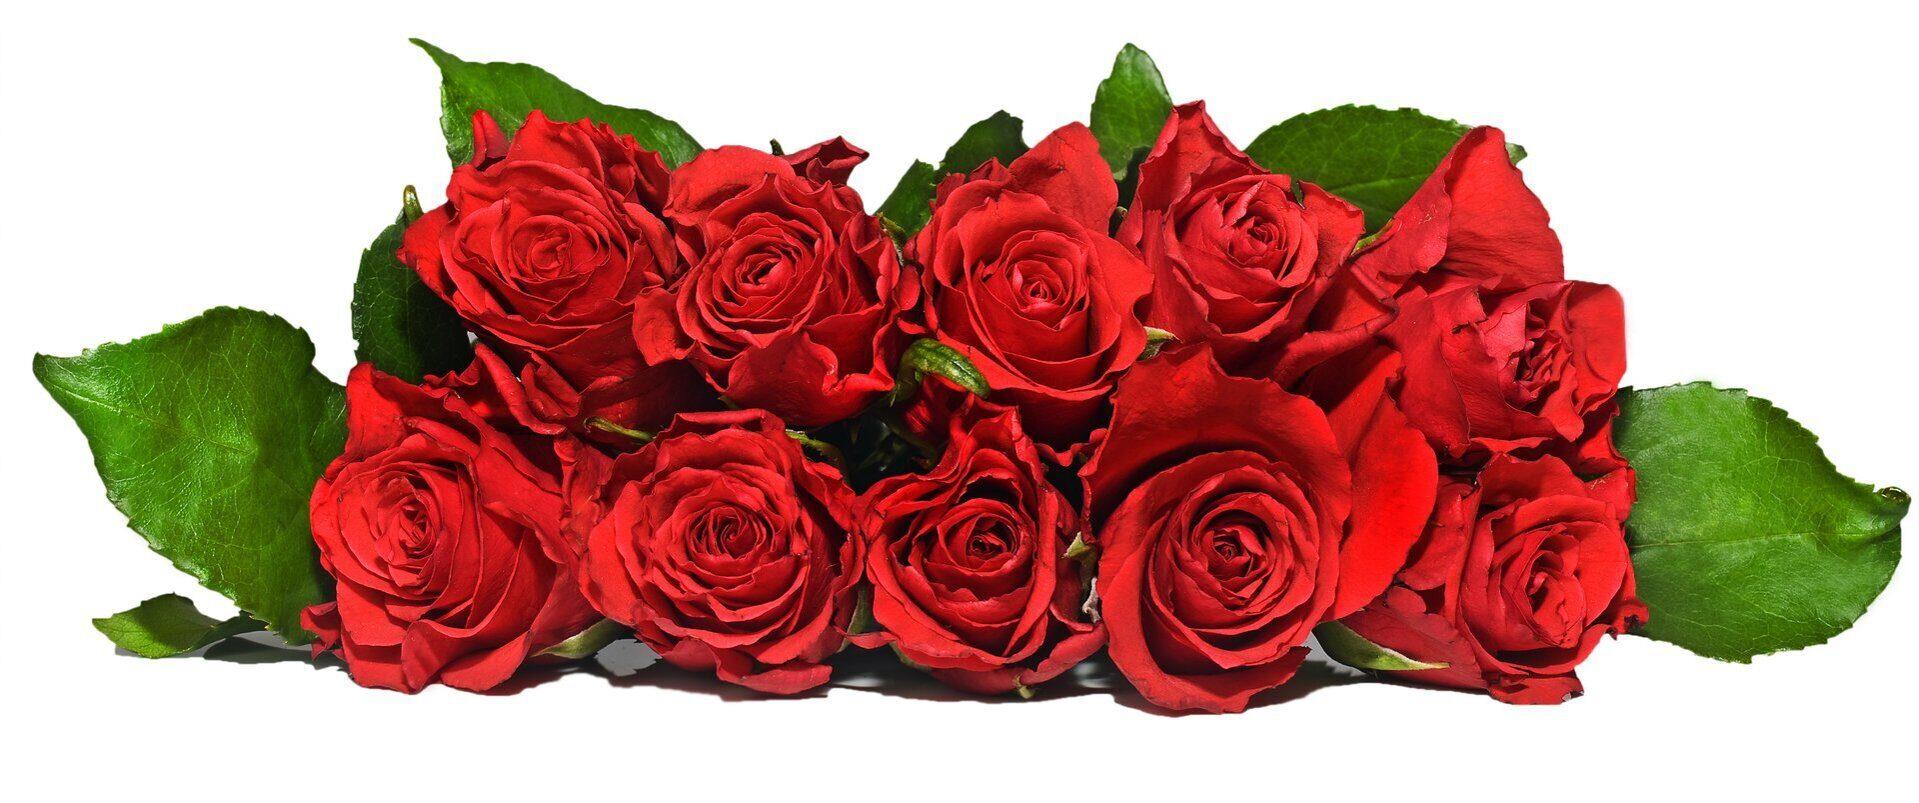 cvety-buket-krasnye-rozy